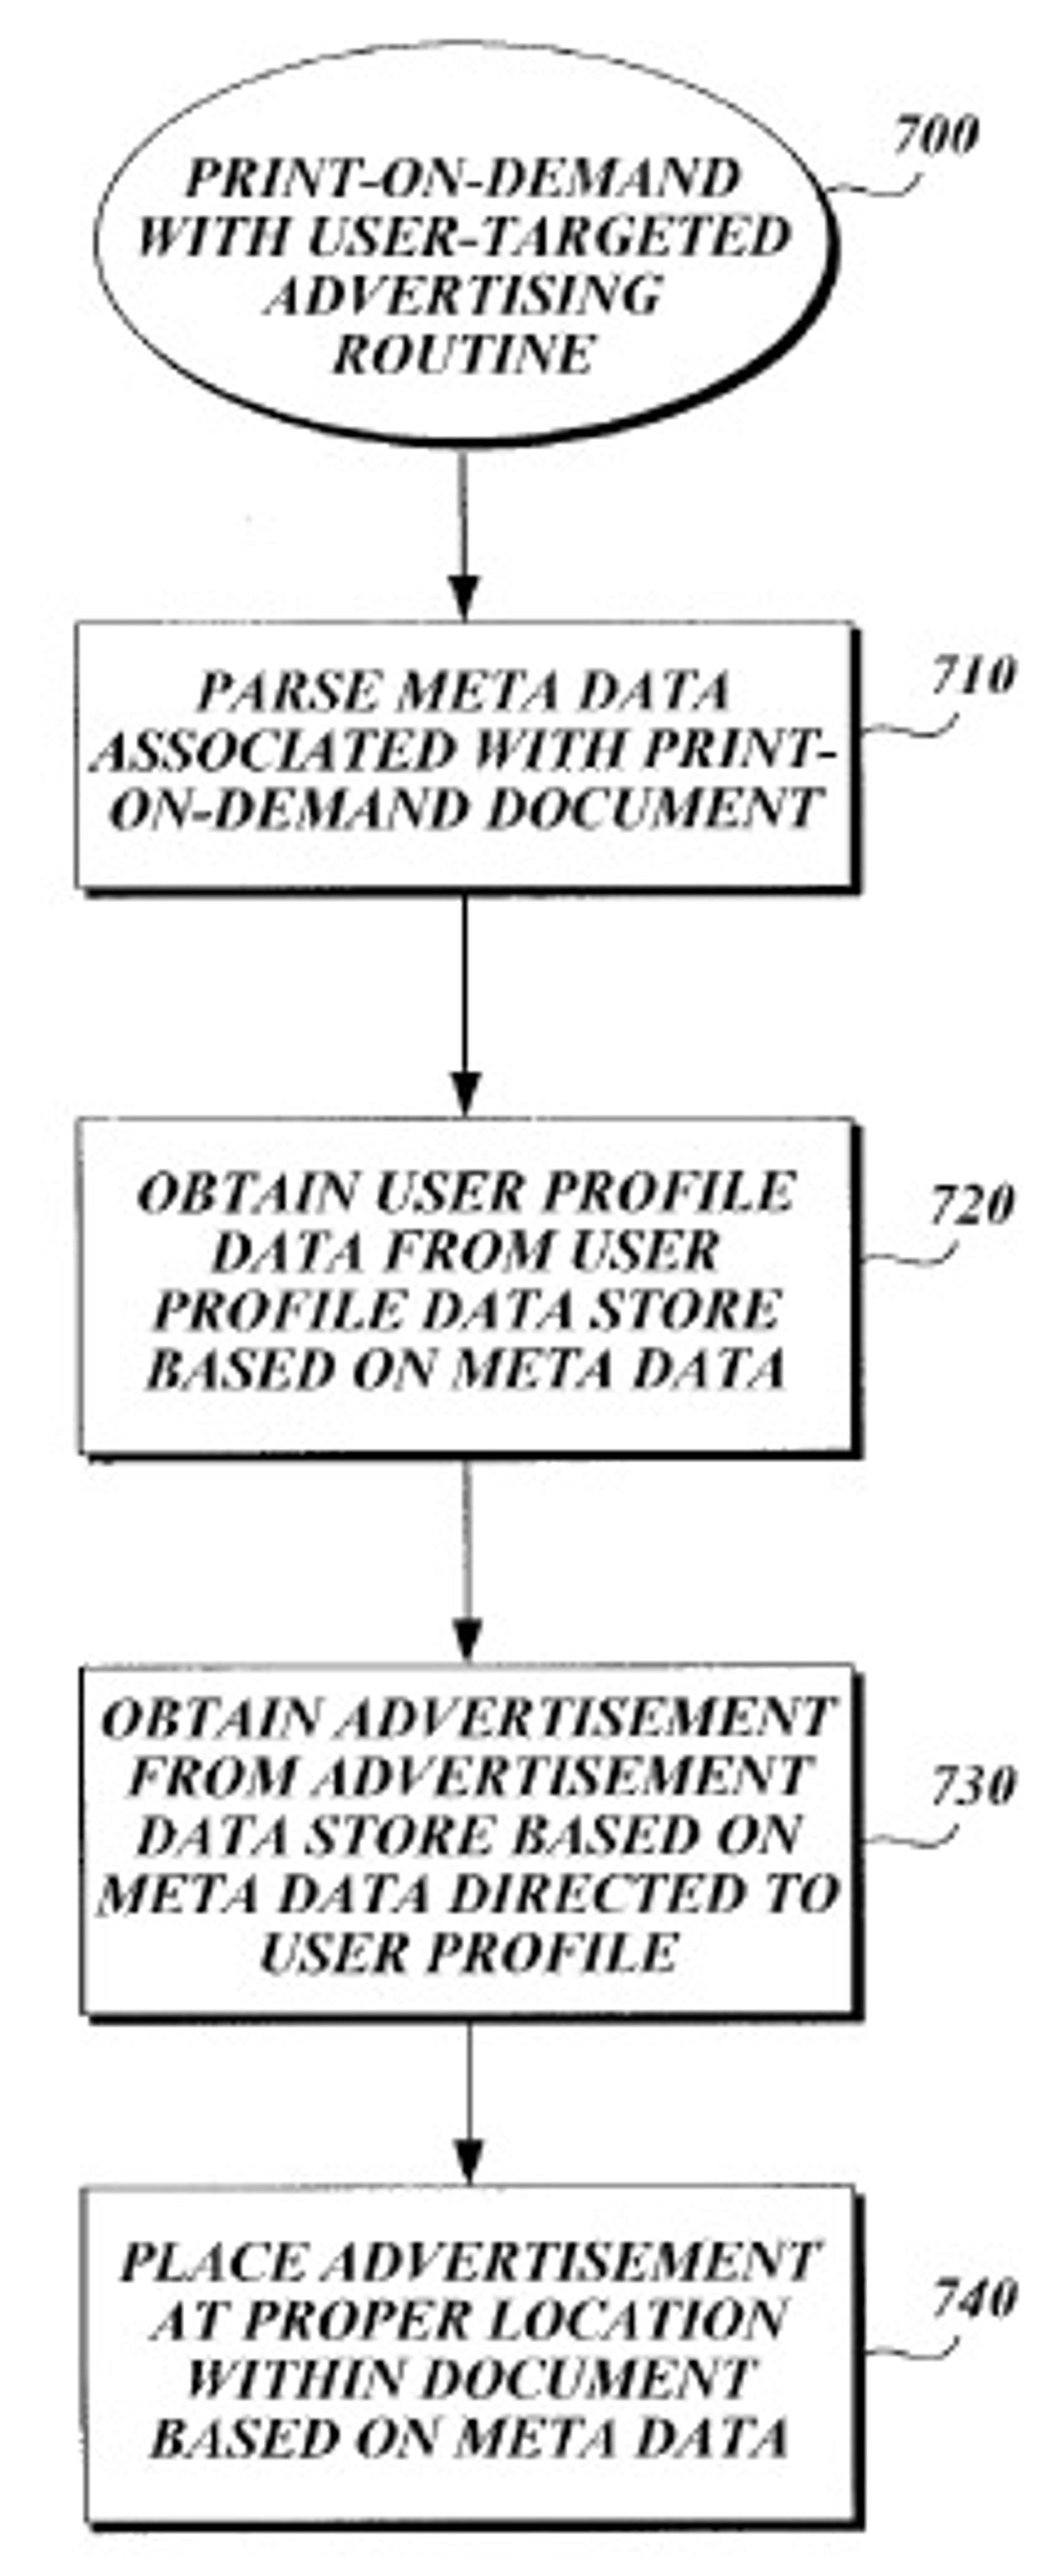 Flytskjemaet for prosessen som fyller ut en e-bok med skreddersydd reklame. E-boken må utstyres med metadata som definerer hva slags reklame den skal kunne motta. Illustrasjonen er hentet fra patentsøknaden.